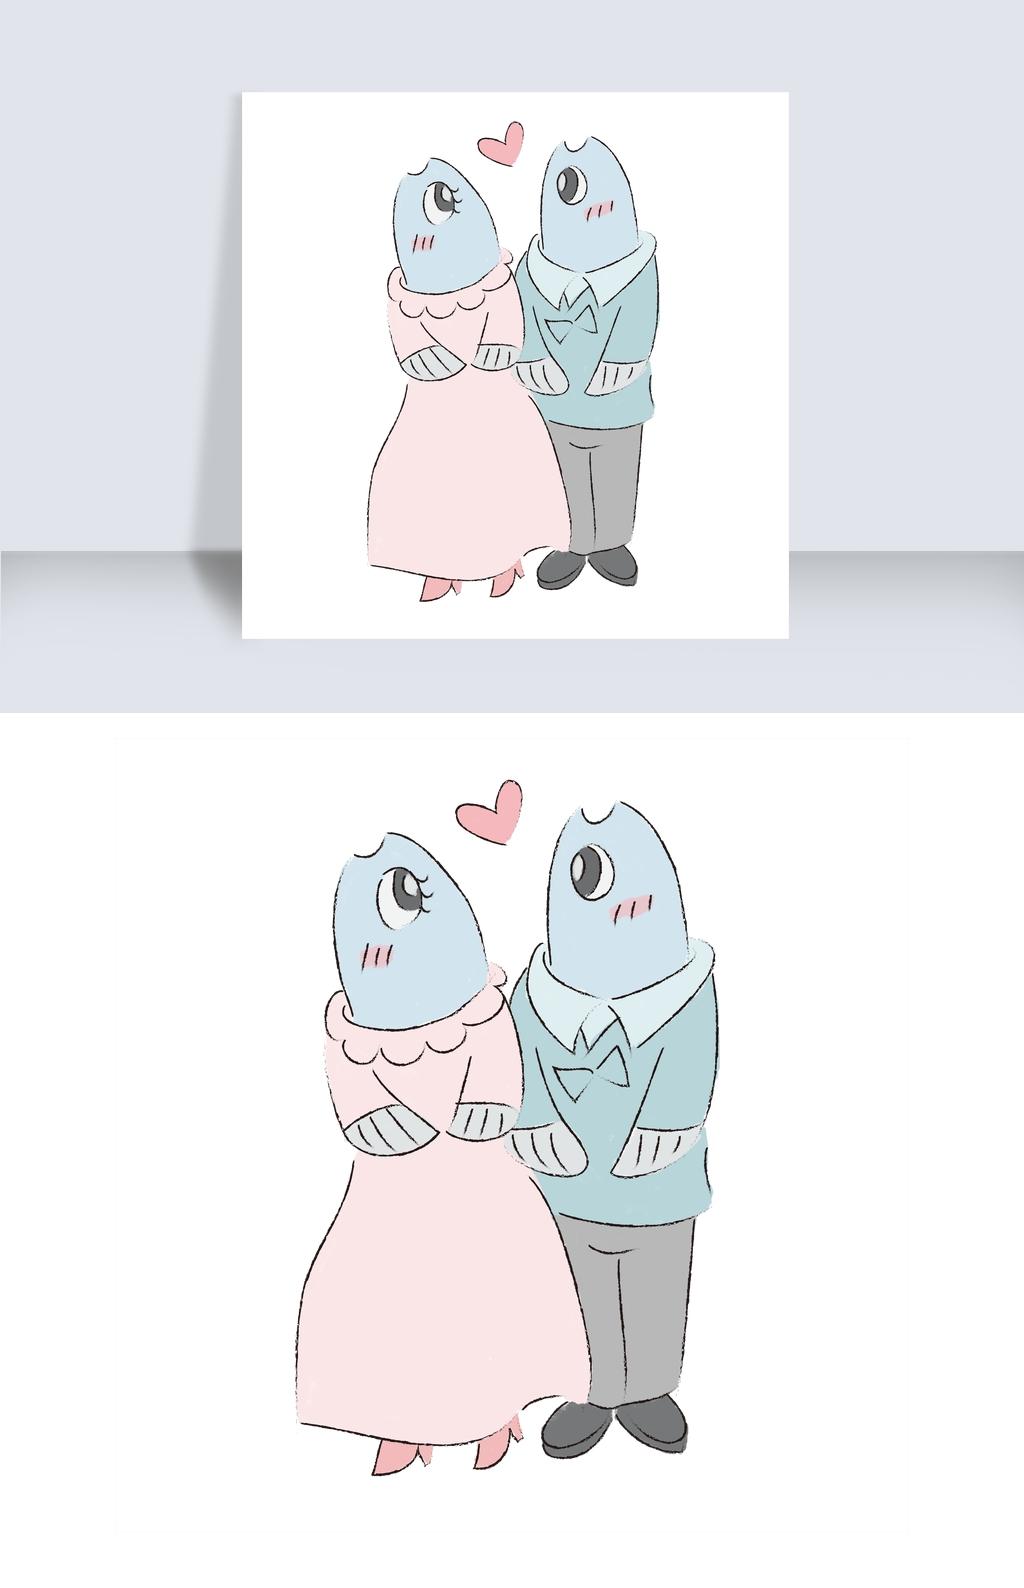 情人节手绘可爱a漫画沙丁鱼小漫画新郎怪兽婚礼虹v漫画猫蓝兔新娘图片